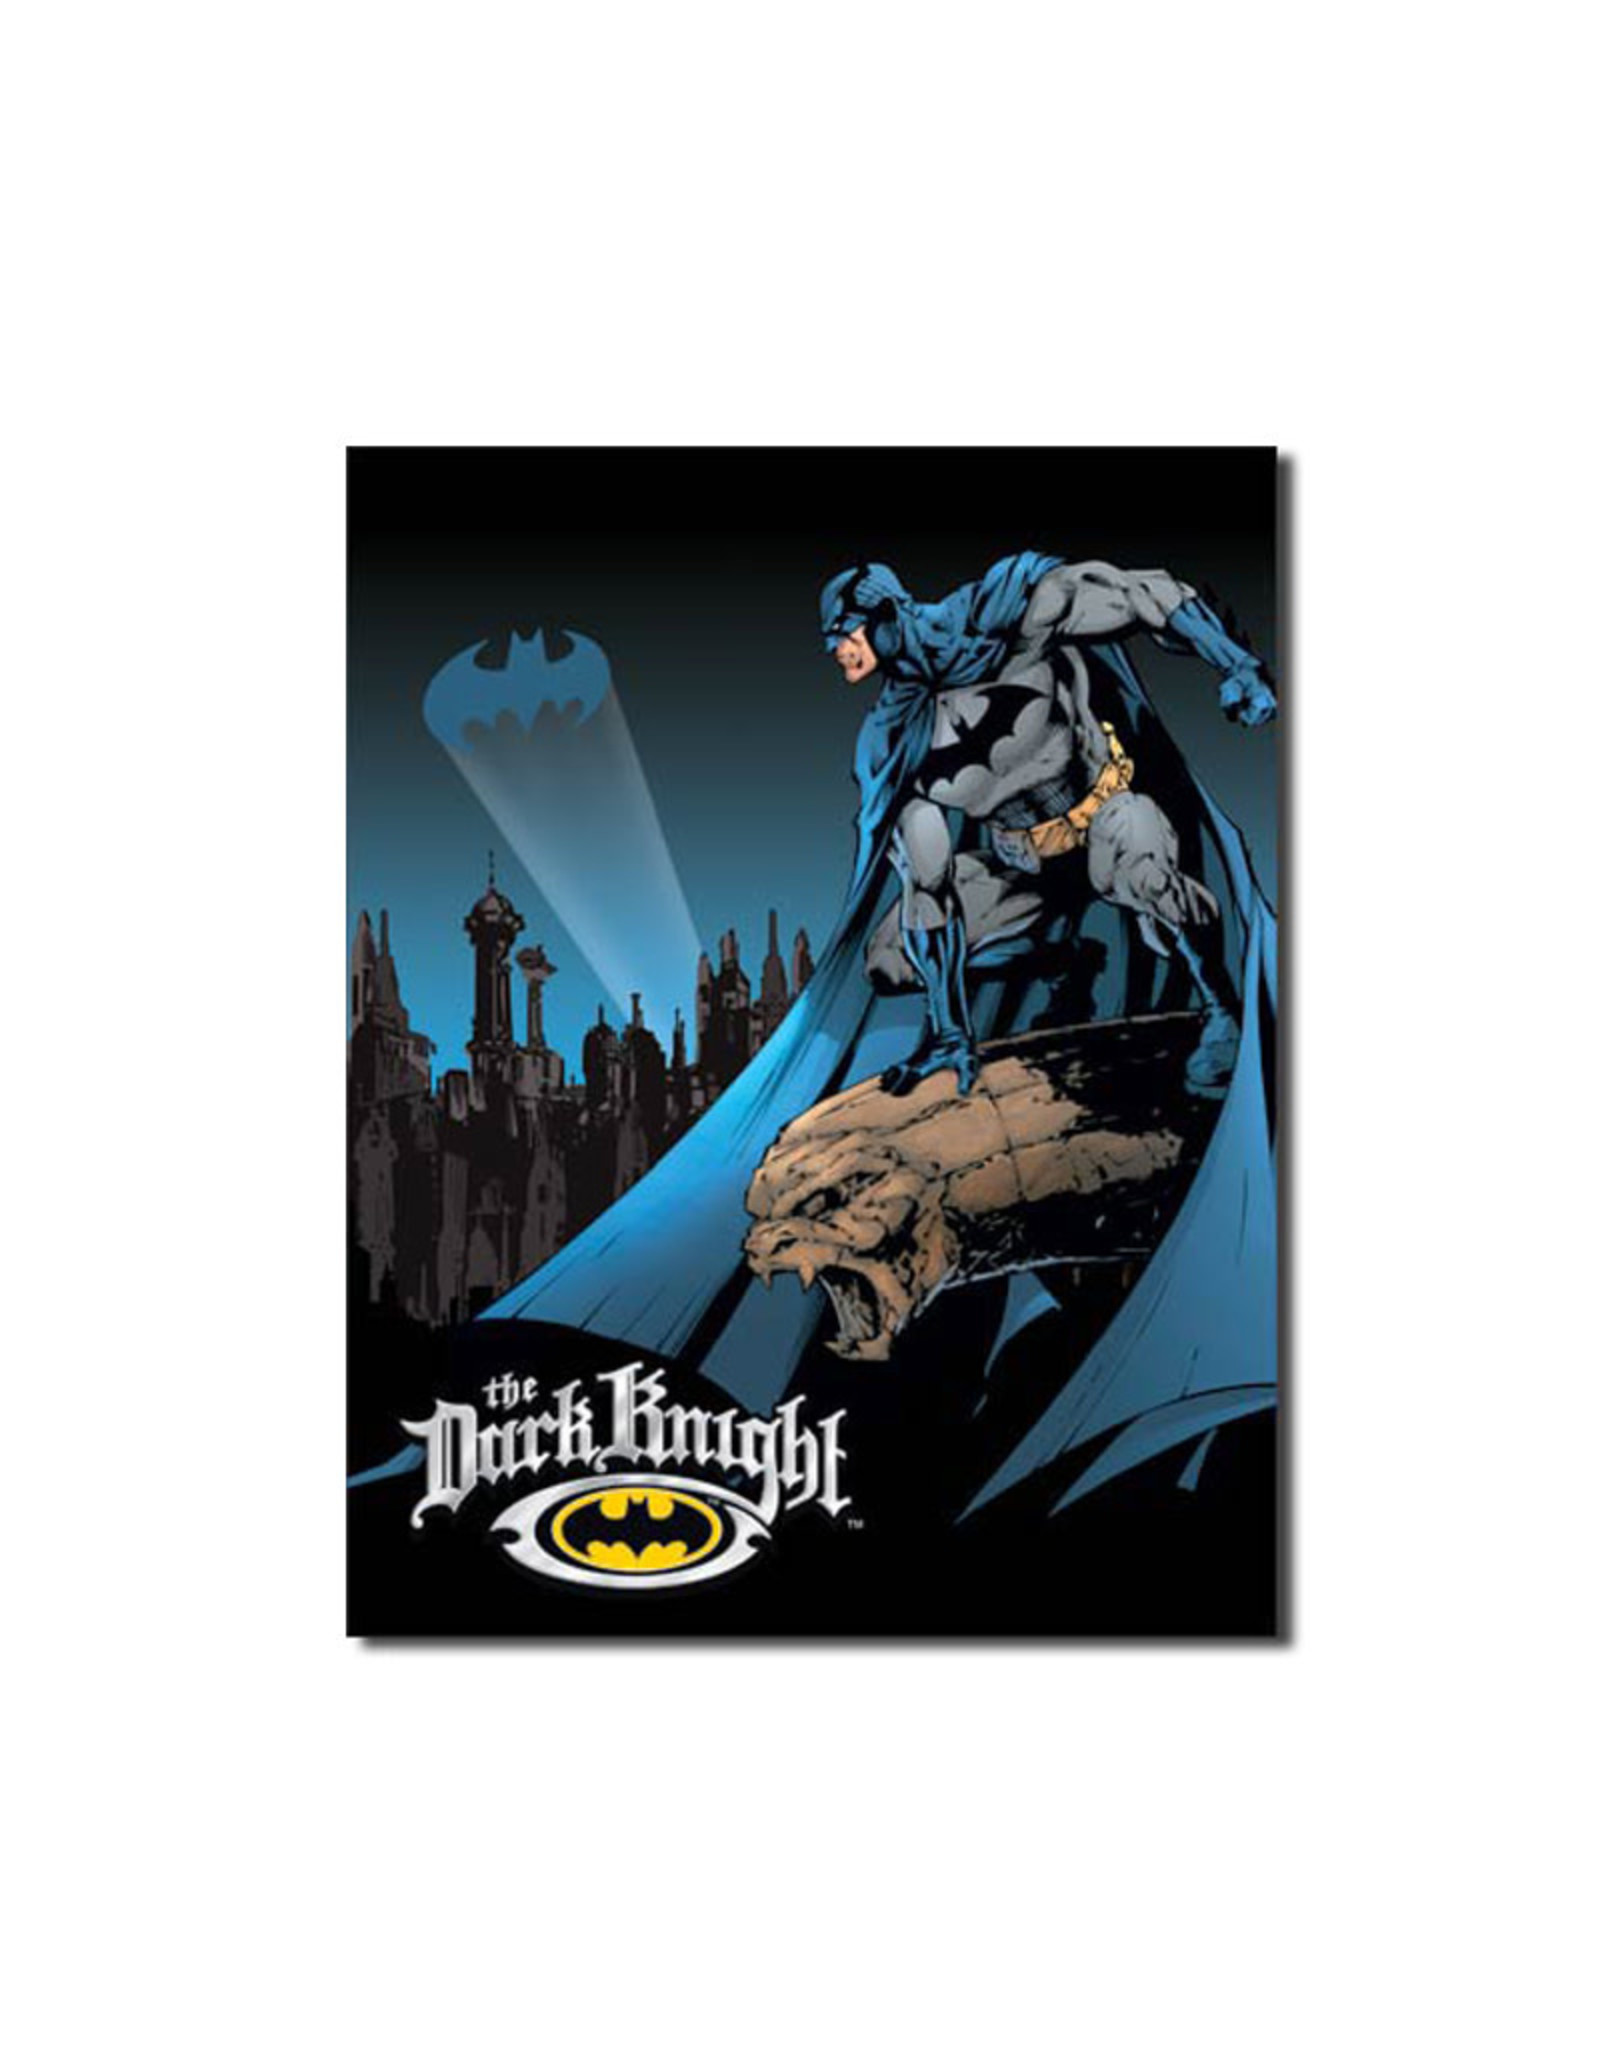 Dc comics Dc Comics ( Metal Sign 12.5 X 16 ) Batman Dark Knight